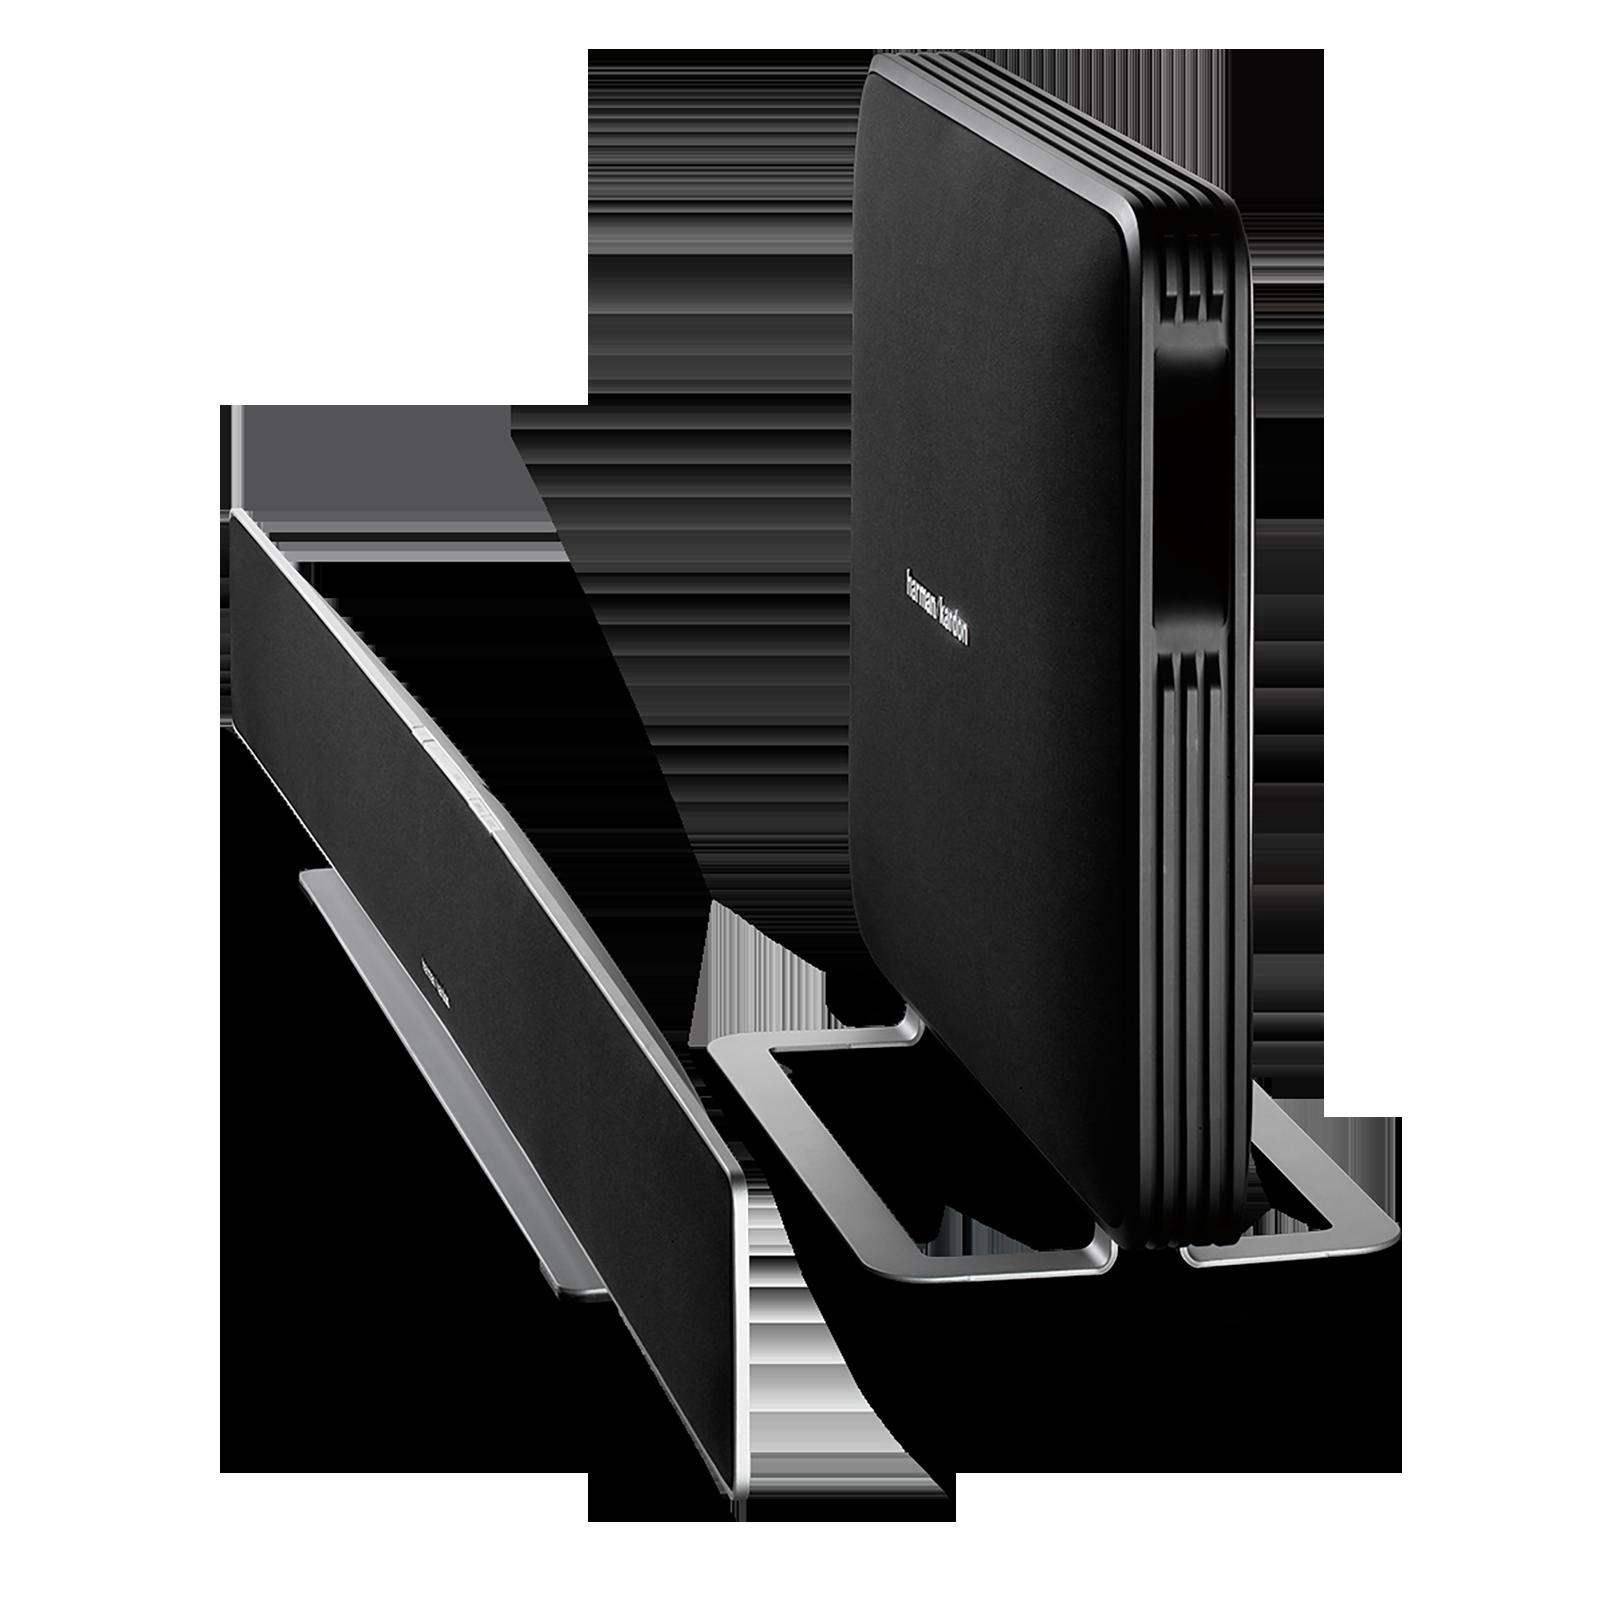 Sabre SB 35 - Black - Devastatingly slim home entertainment soundbar with compact subwoofer. - Detailshot 1